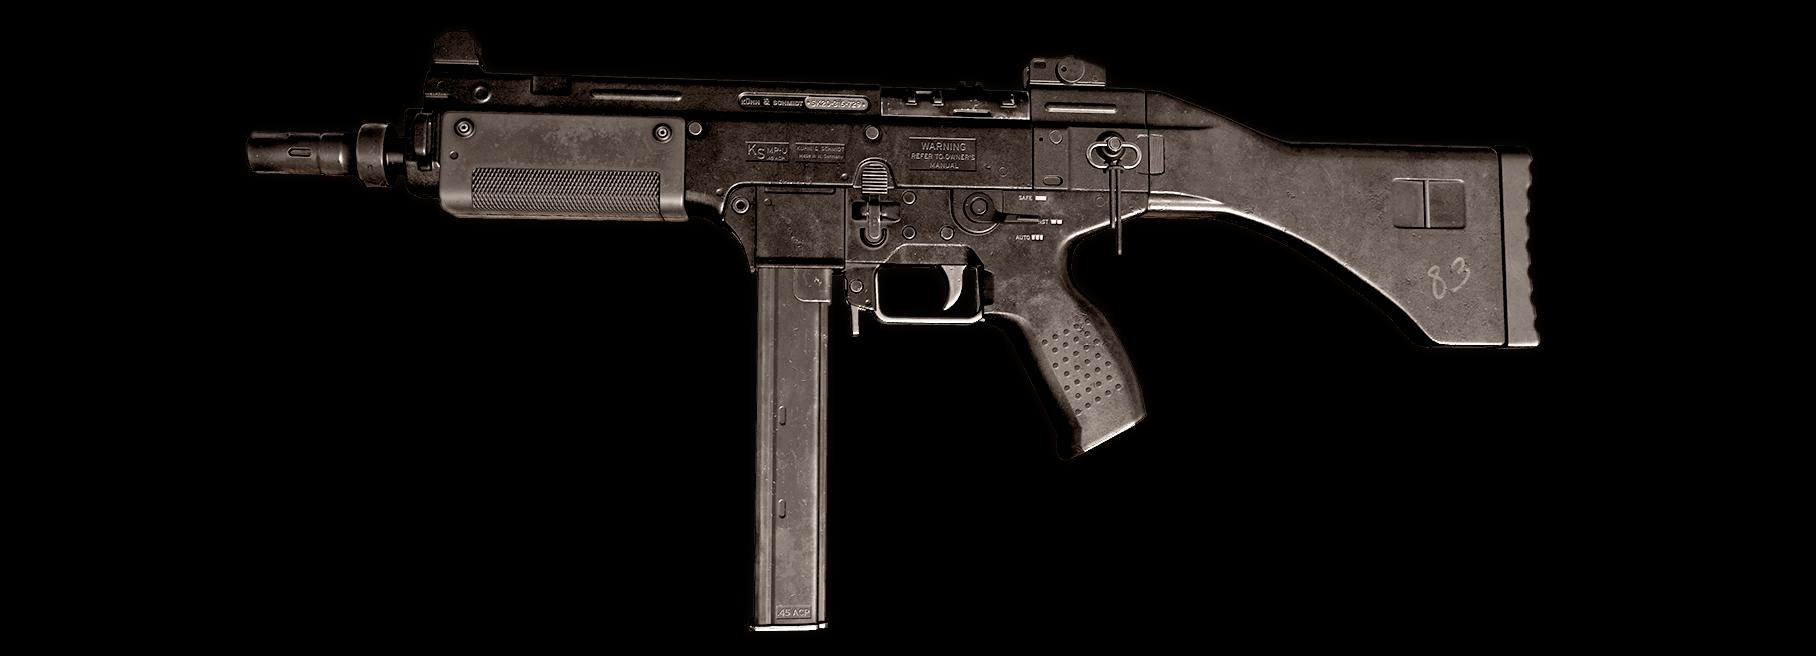 KSP 45 Image